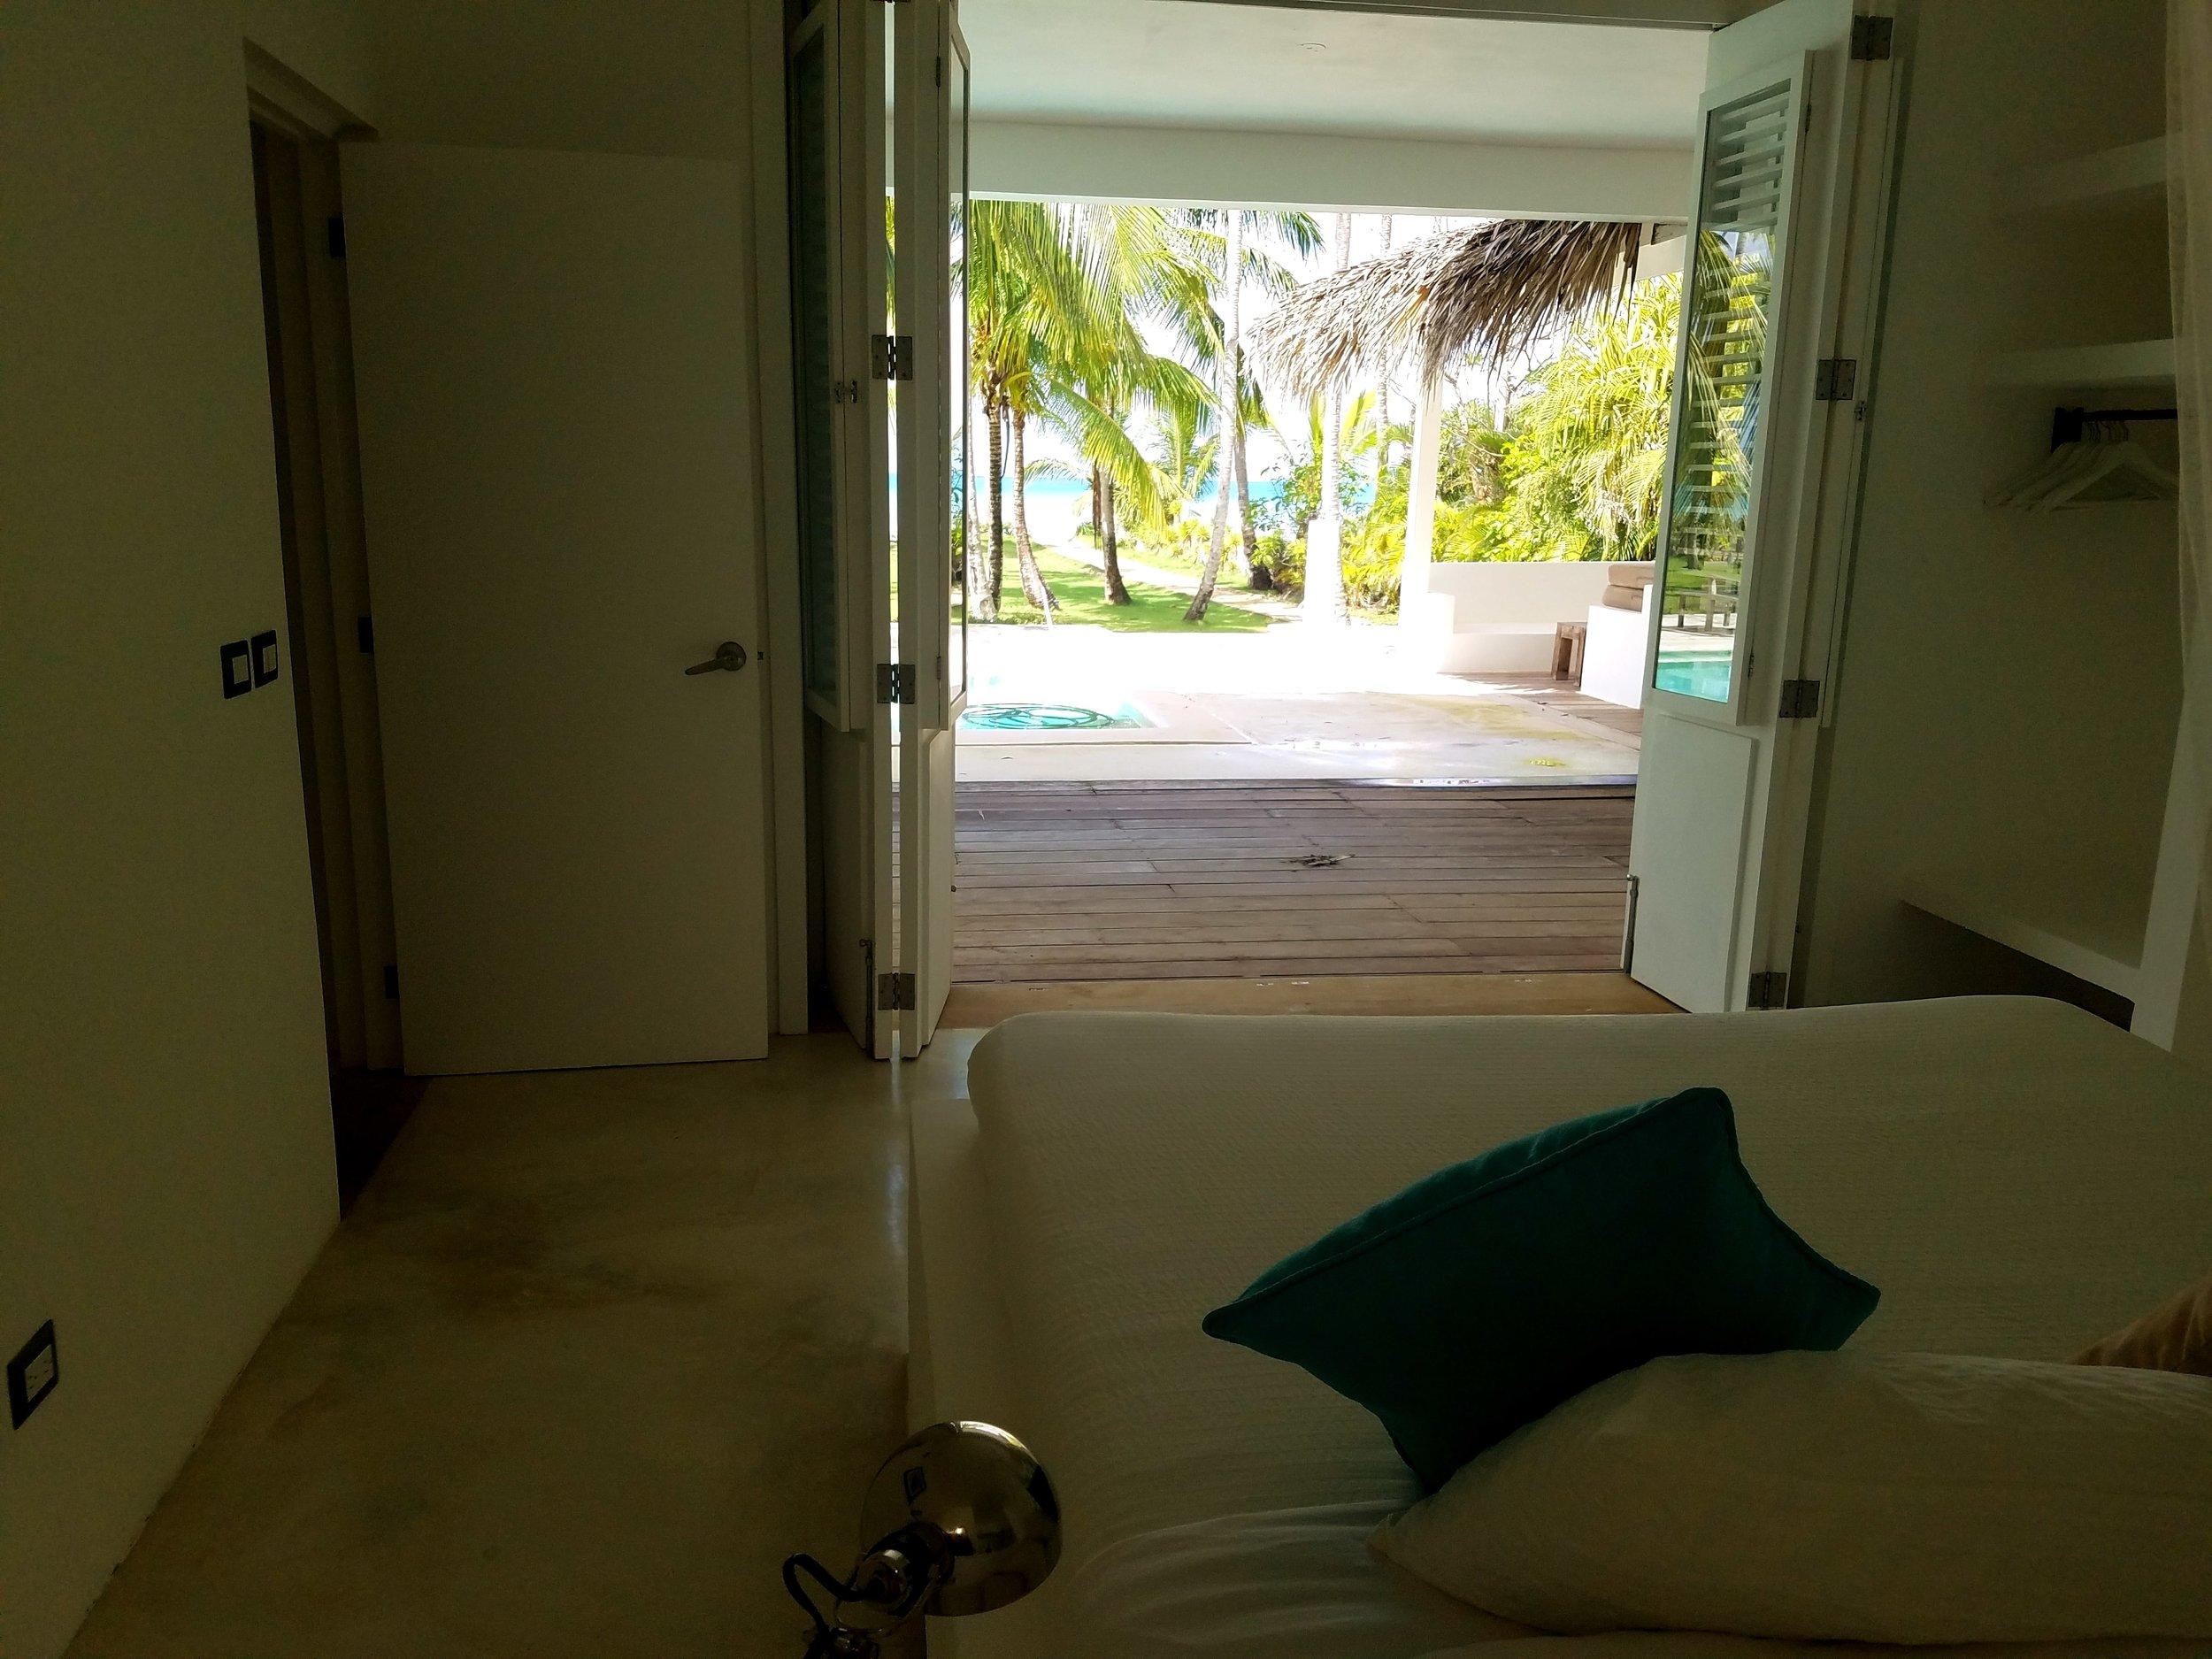 Villa for rent Las Terrenas Samana Casa Bibi28-min.jpg